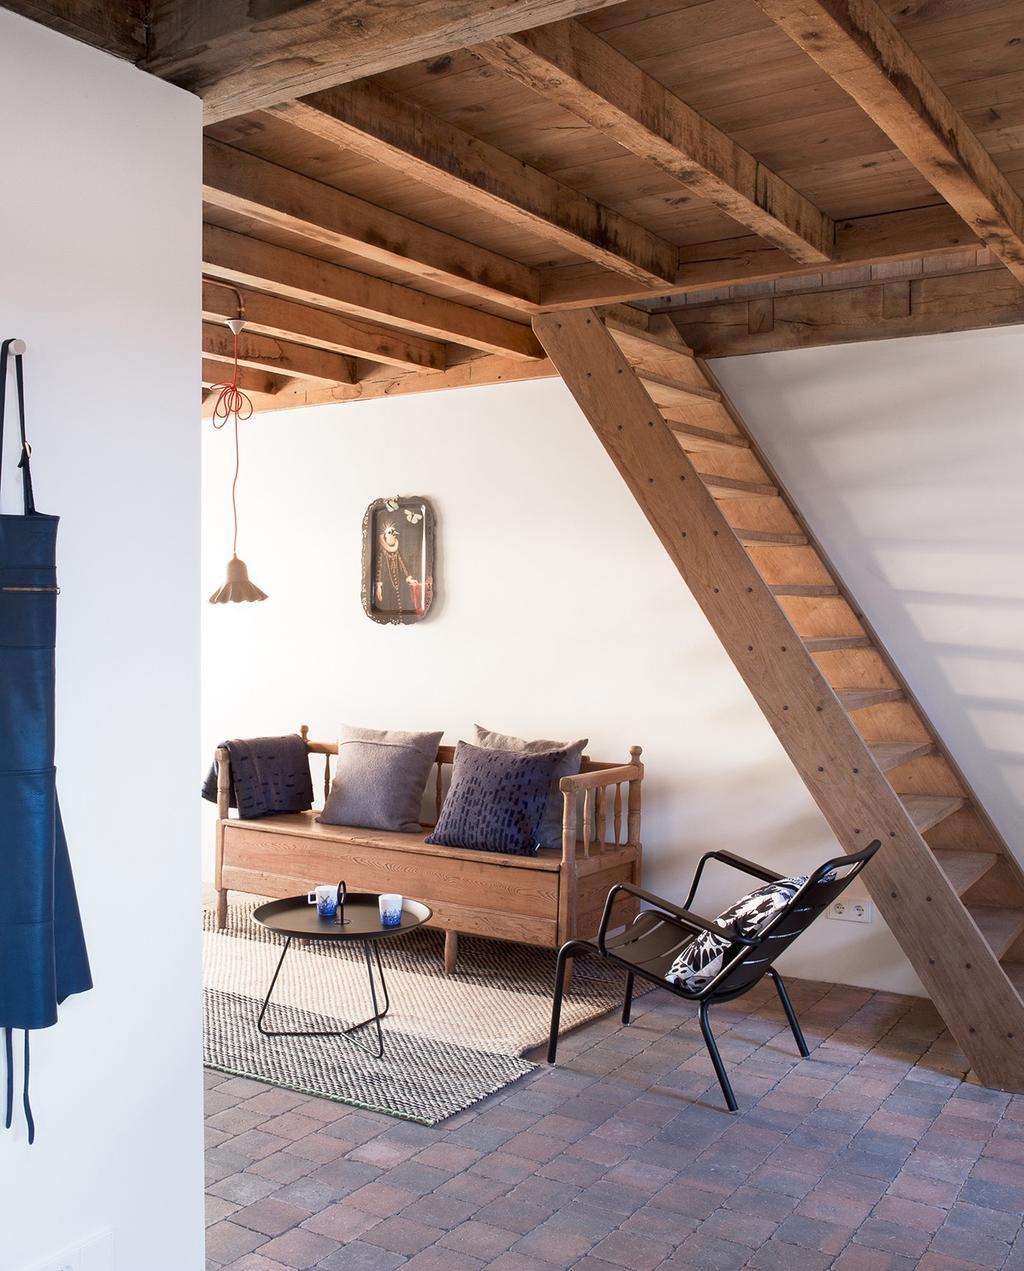 vtwonen special zomerboek 08-2020 | binnenkant van vakantiehuis in de Bed & Breakfast in Eindhoven